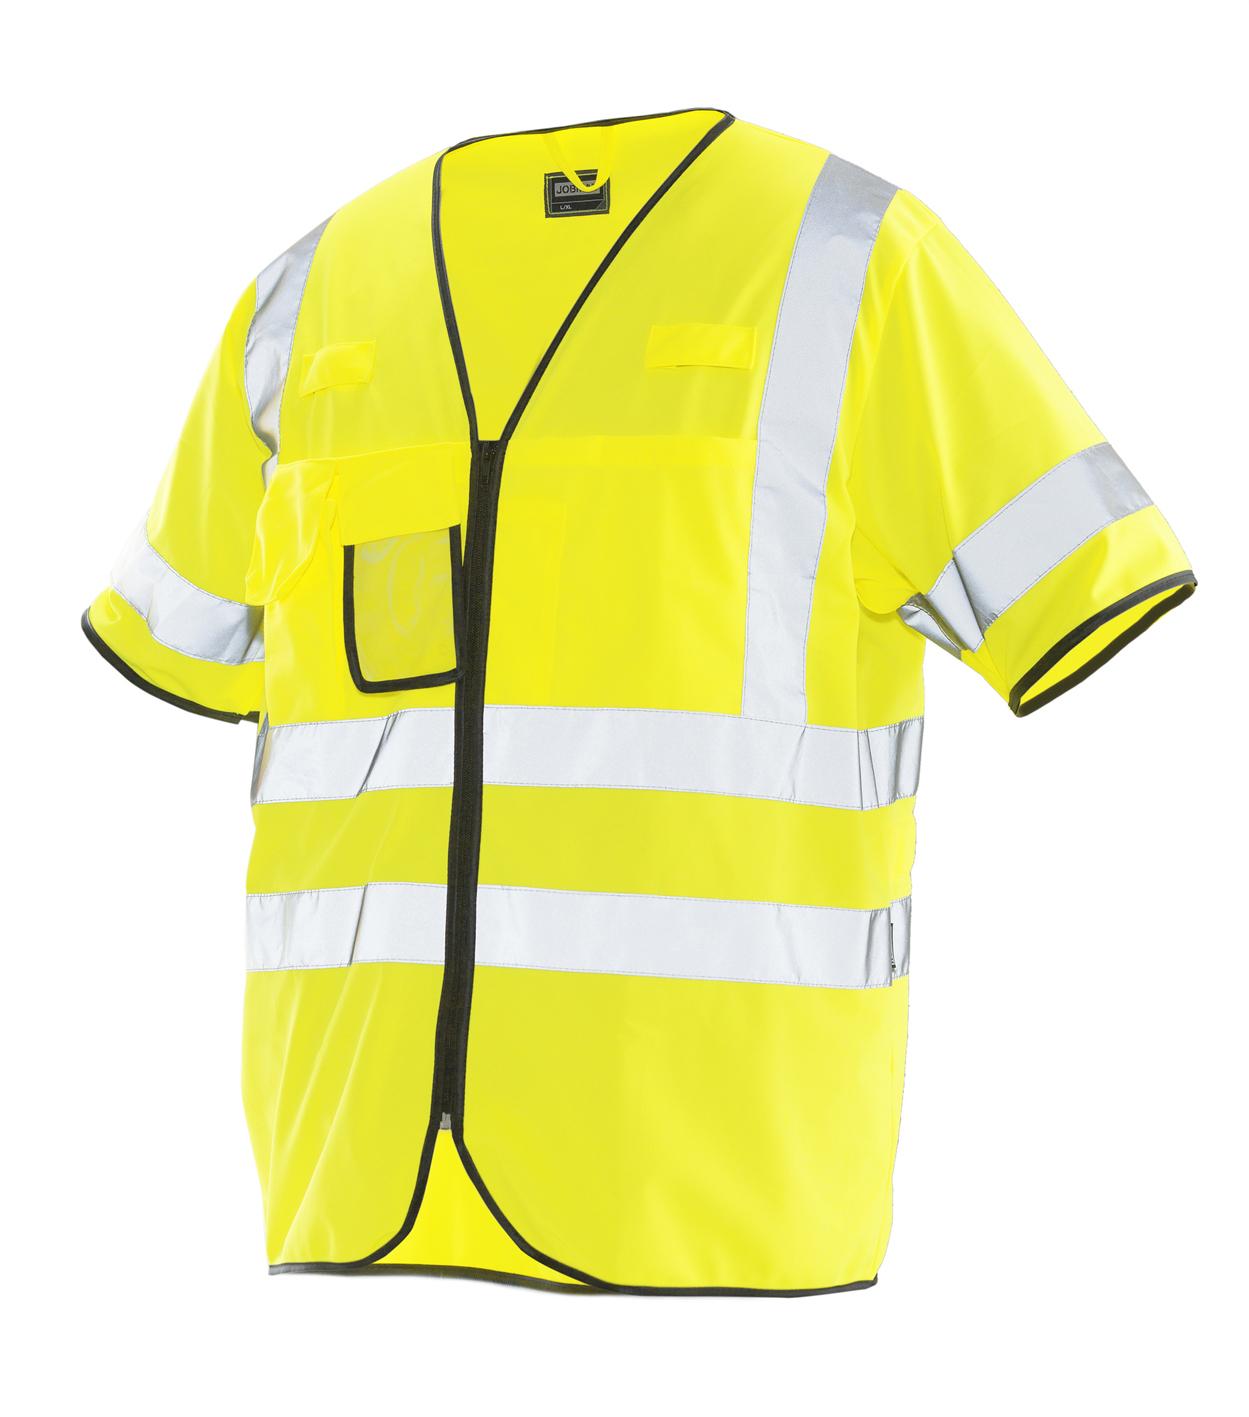 7598 Gilet Haute Visibilité 5 jaune